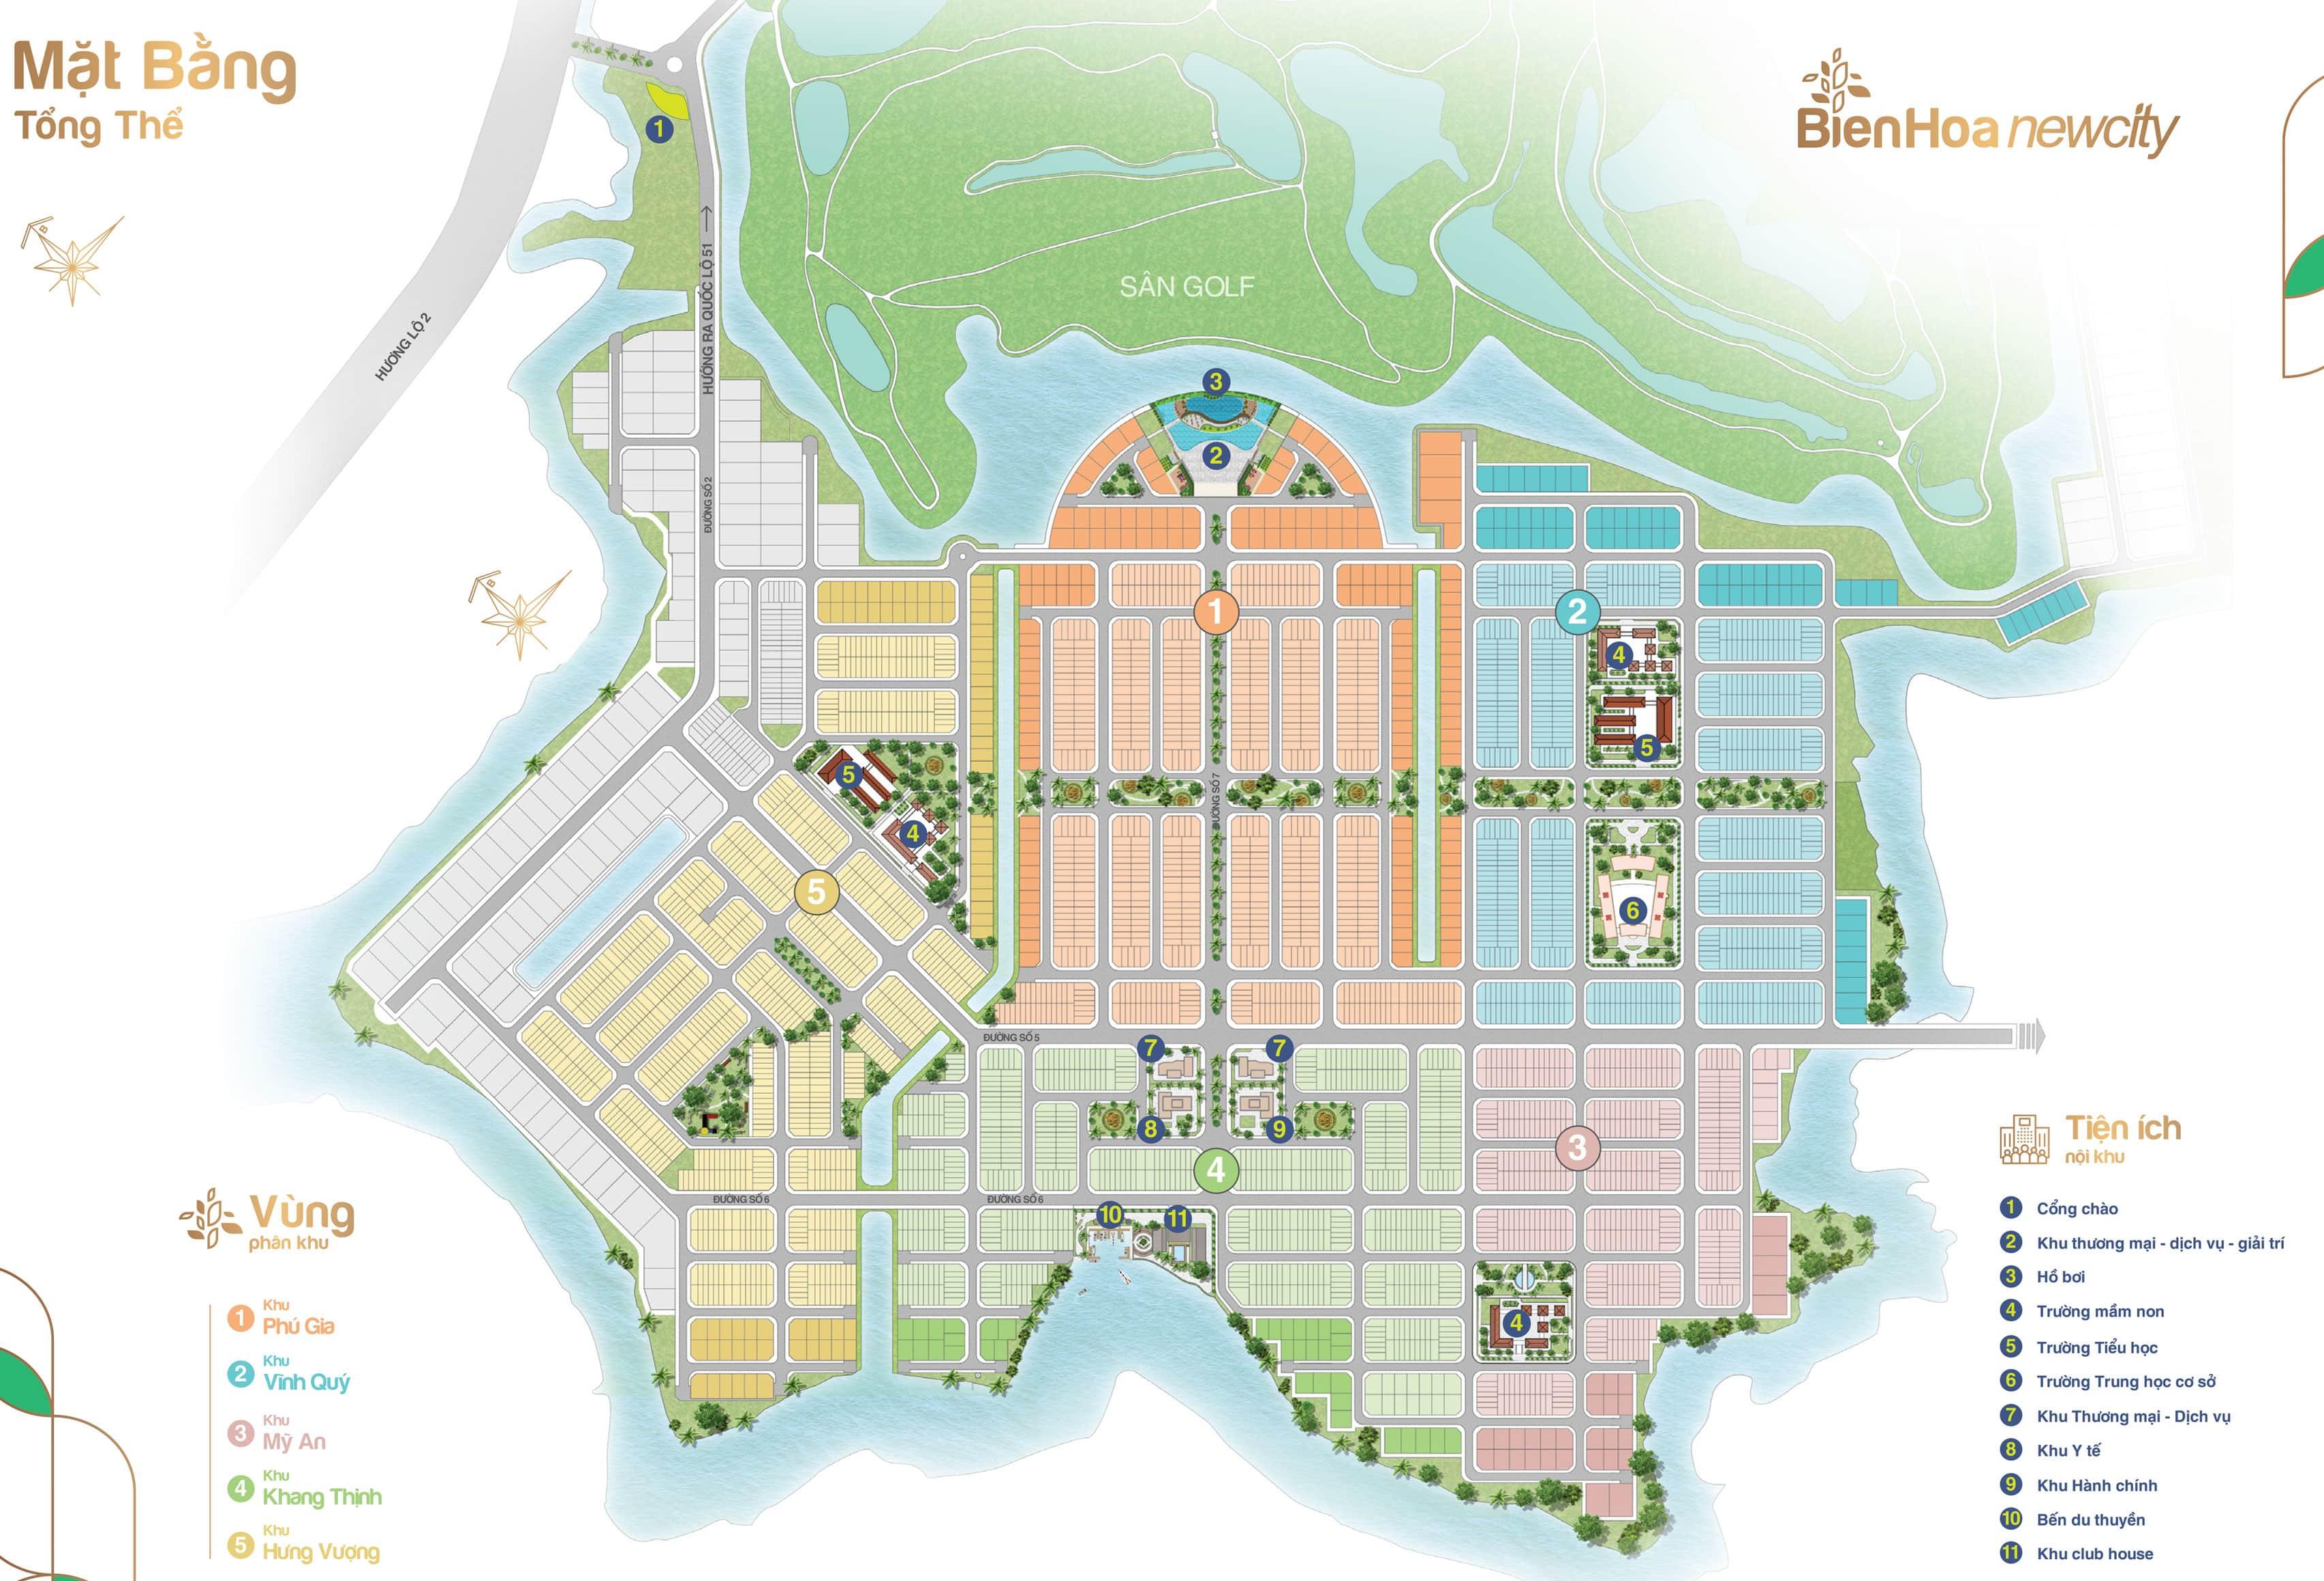 Mặt bằng tổng thể khu đô thị BIen Hoa New City